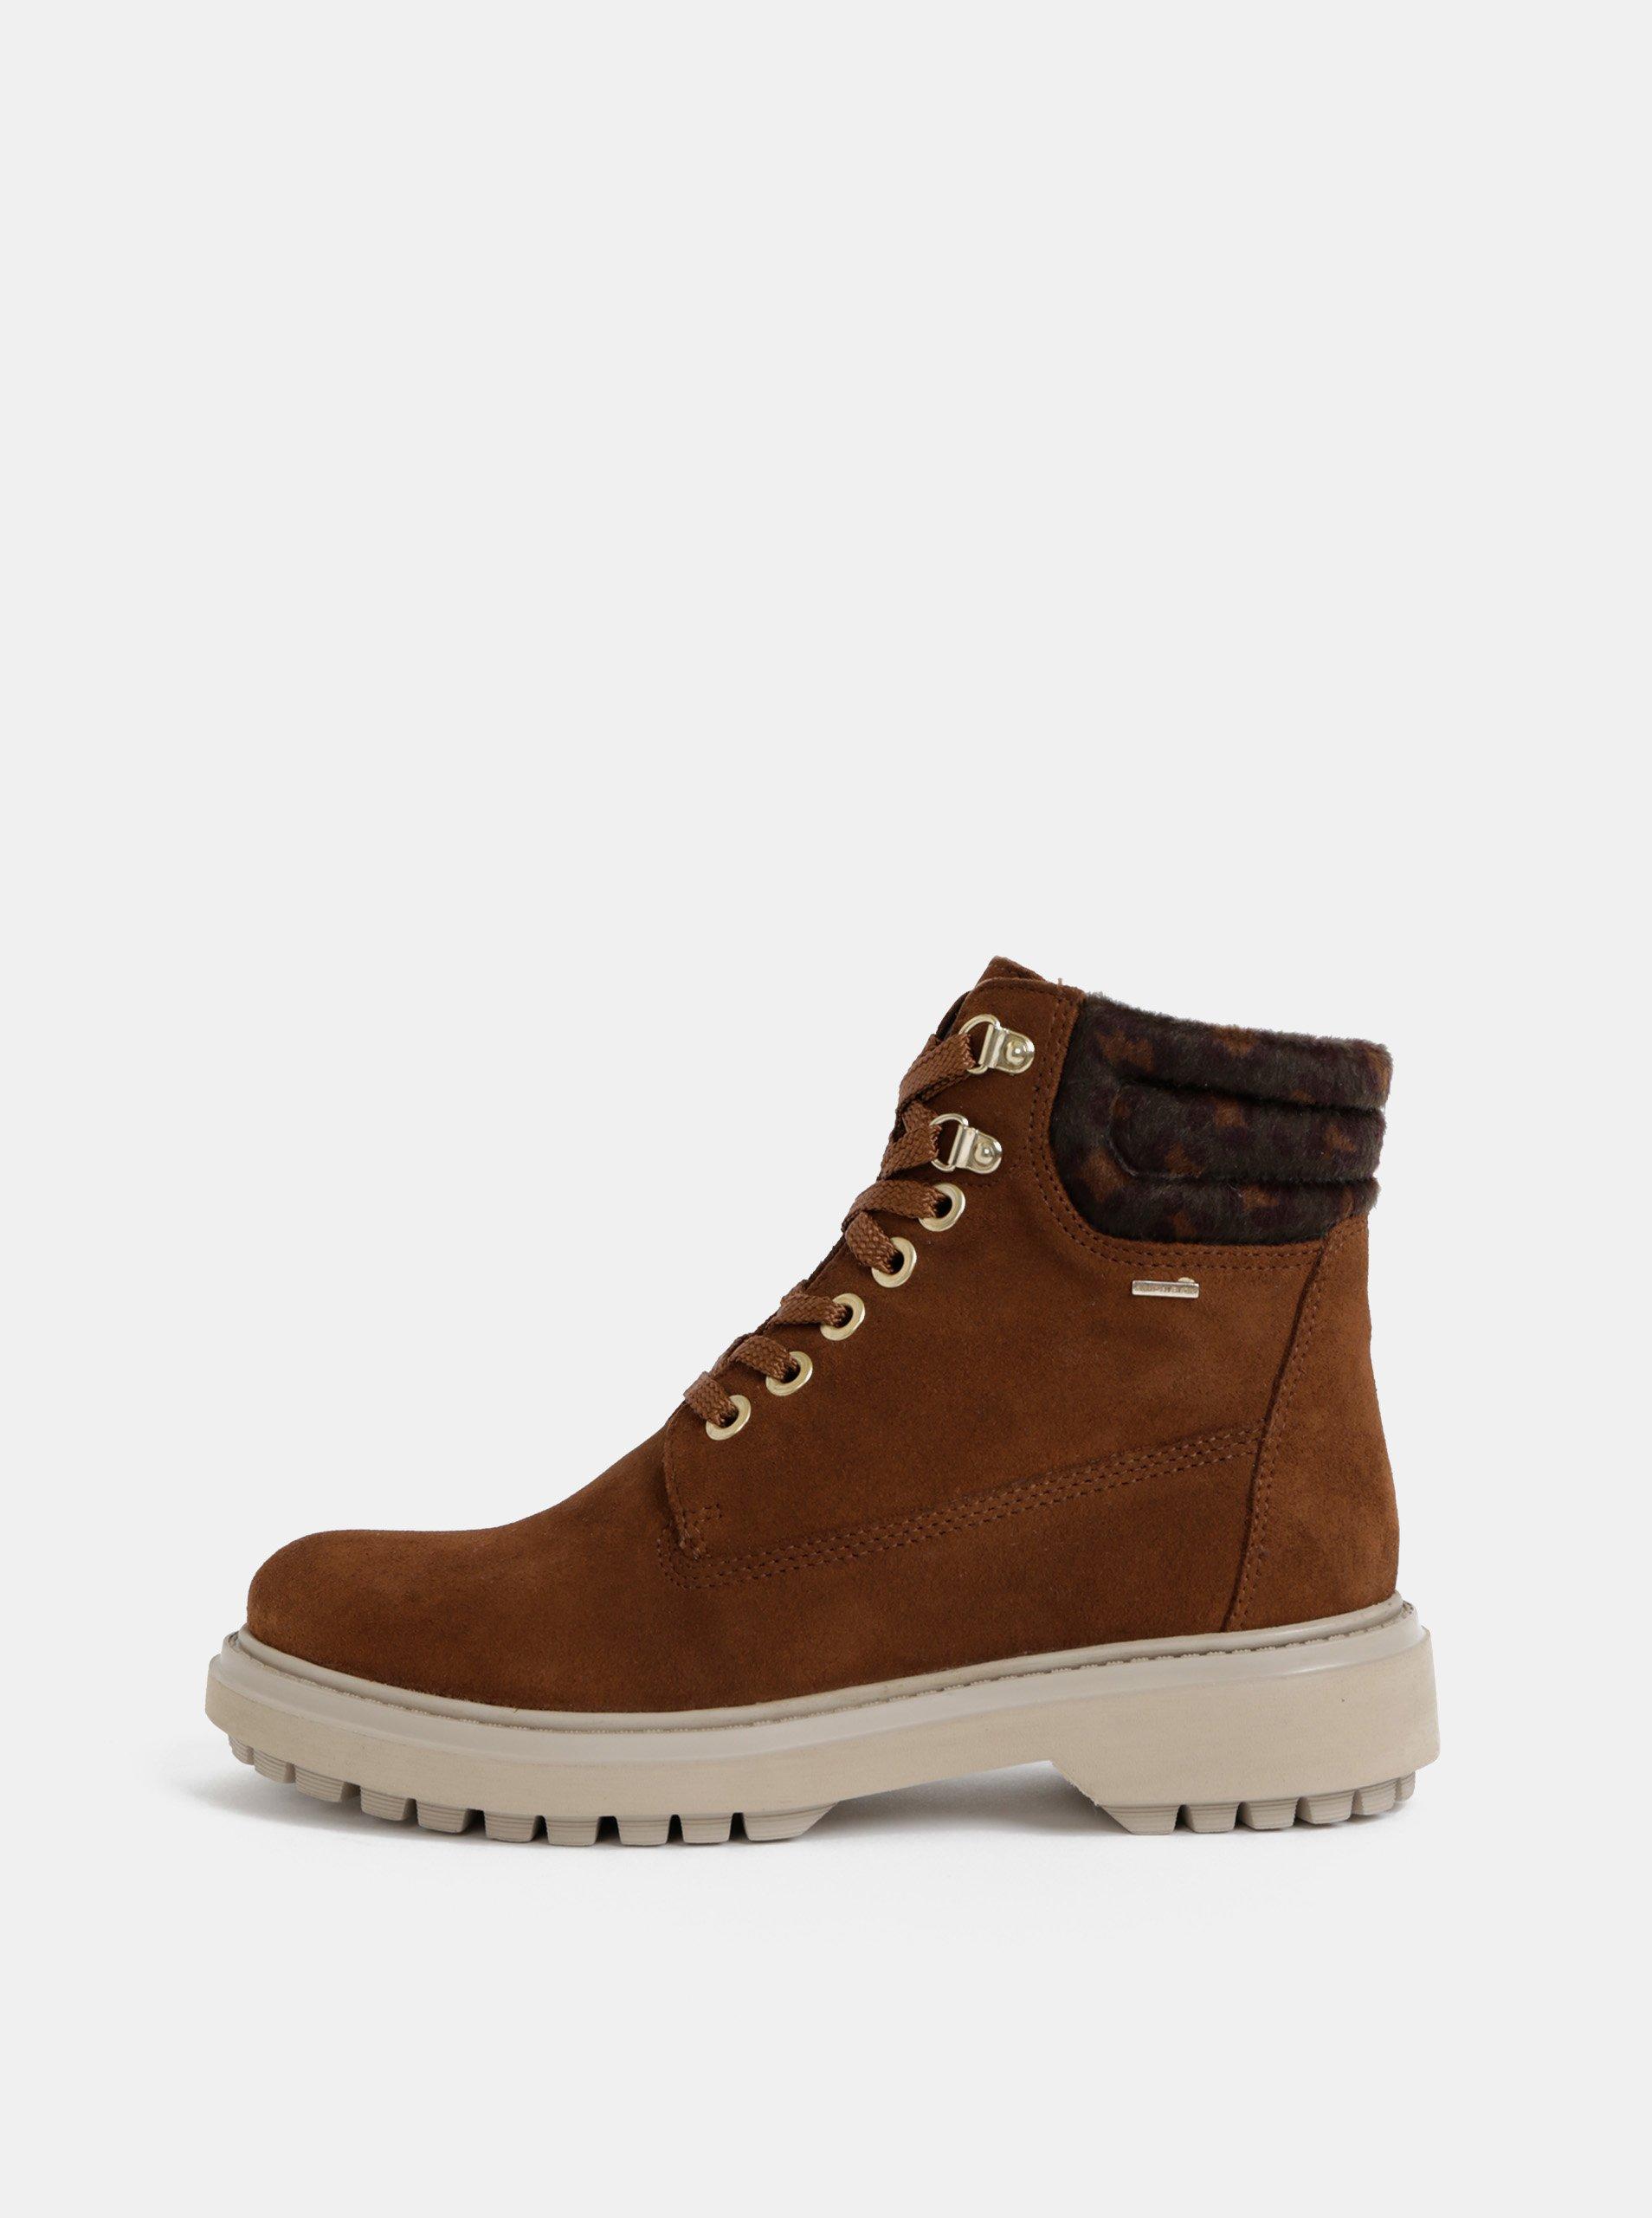 Hnedé dámske semišové kotníkové nepromokavé zimné topánky Geox Asheely